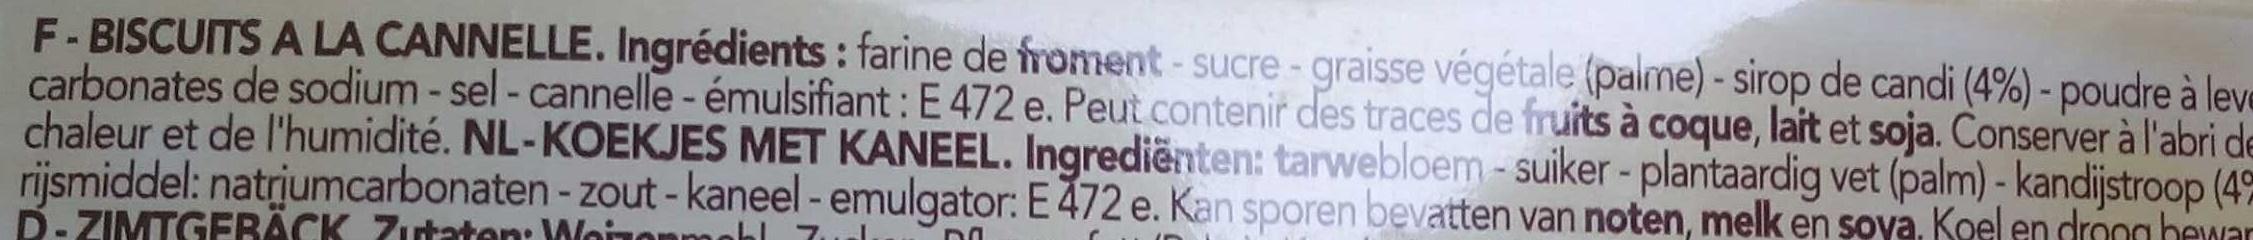 Delacre biscuits speculoos - Ingredienti - fr